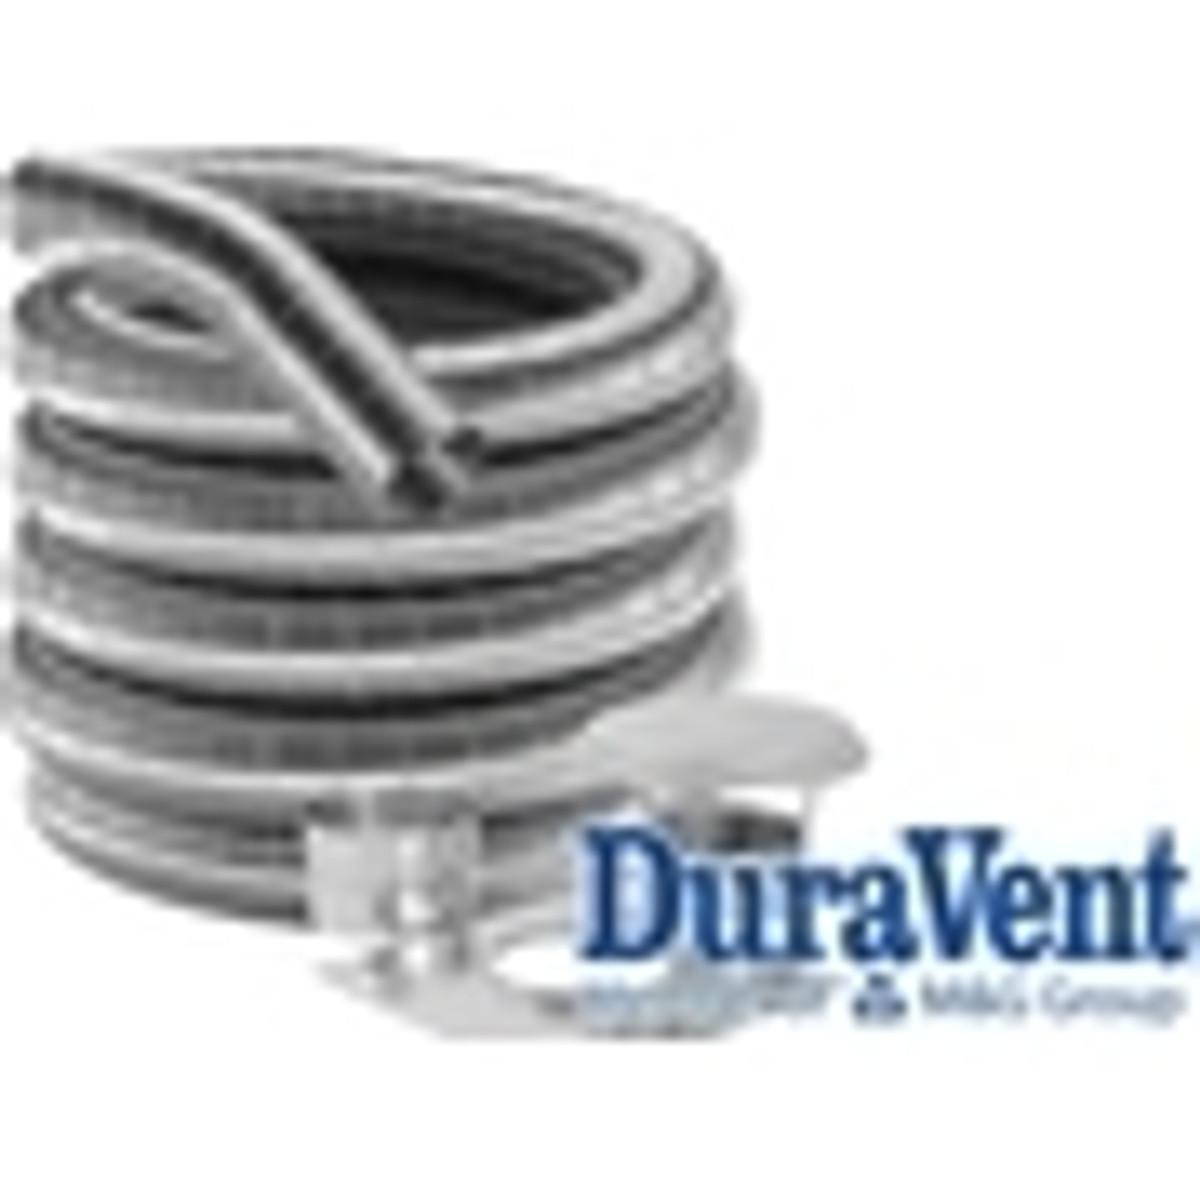 6'' DuraFlex Stainless Steel Chimney Liner